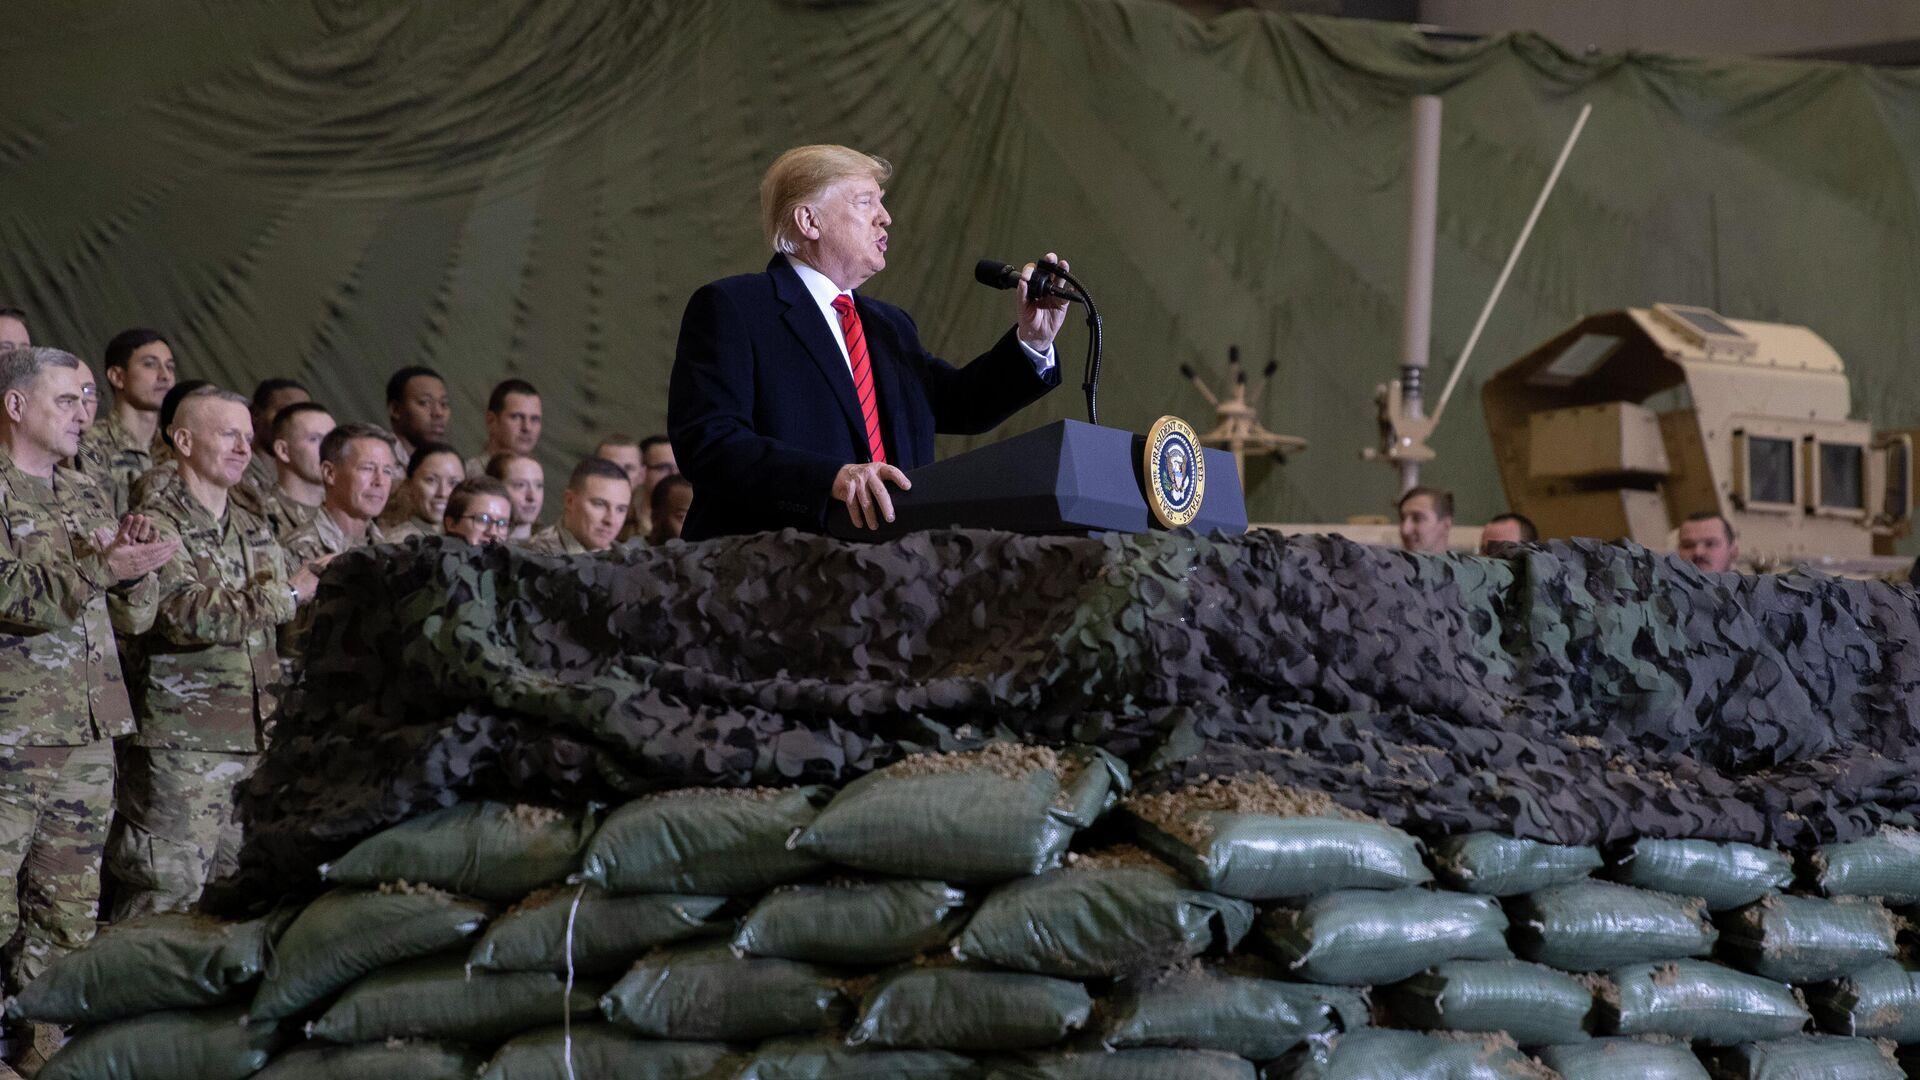 Президент США Дональд Трамп беседует с военнослужащими в Афганистане - РИА Новости, 1920, 09.09.2020